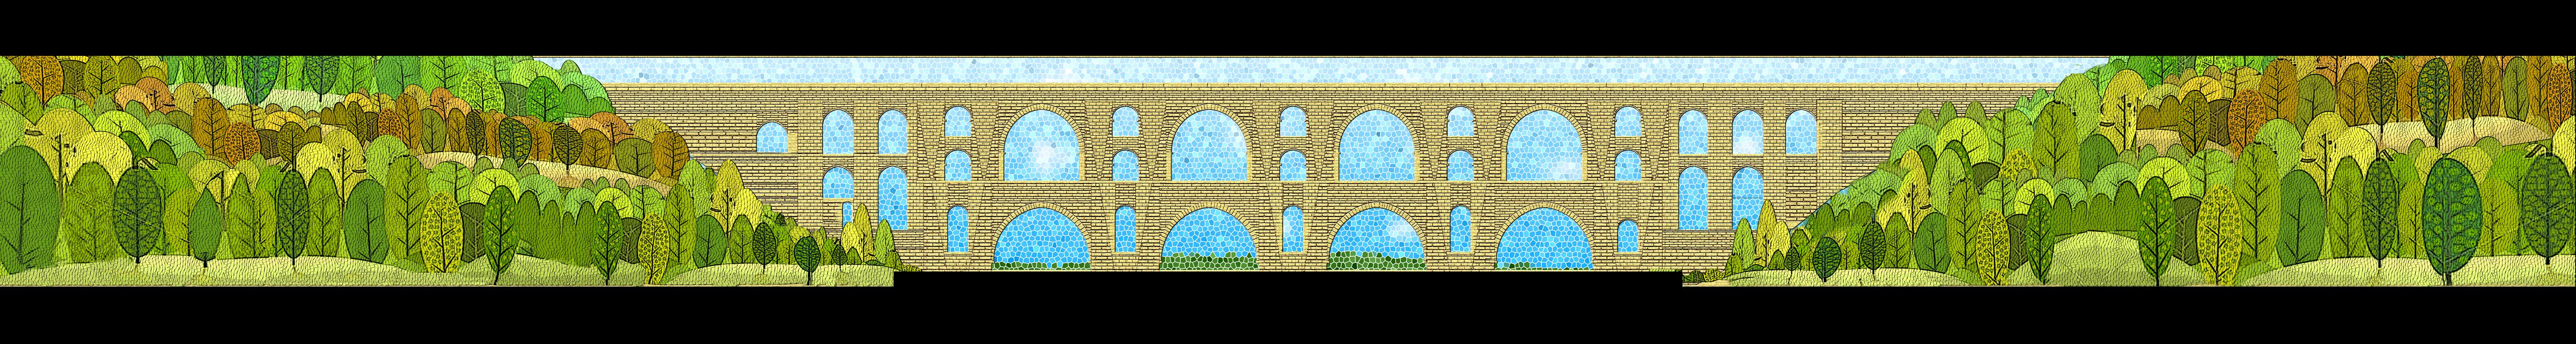 Mağlova Köprüsü Mozaik Projesi